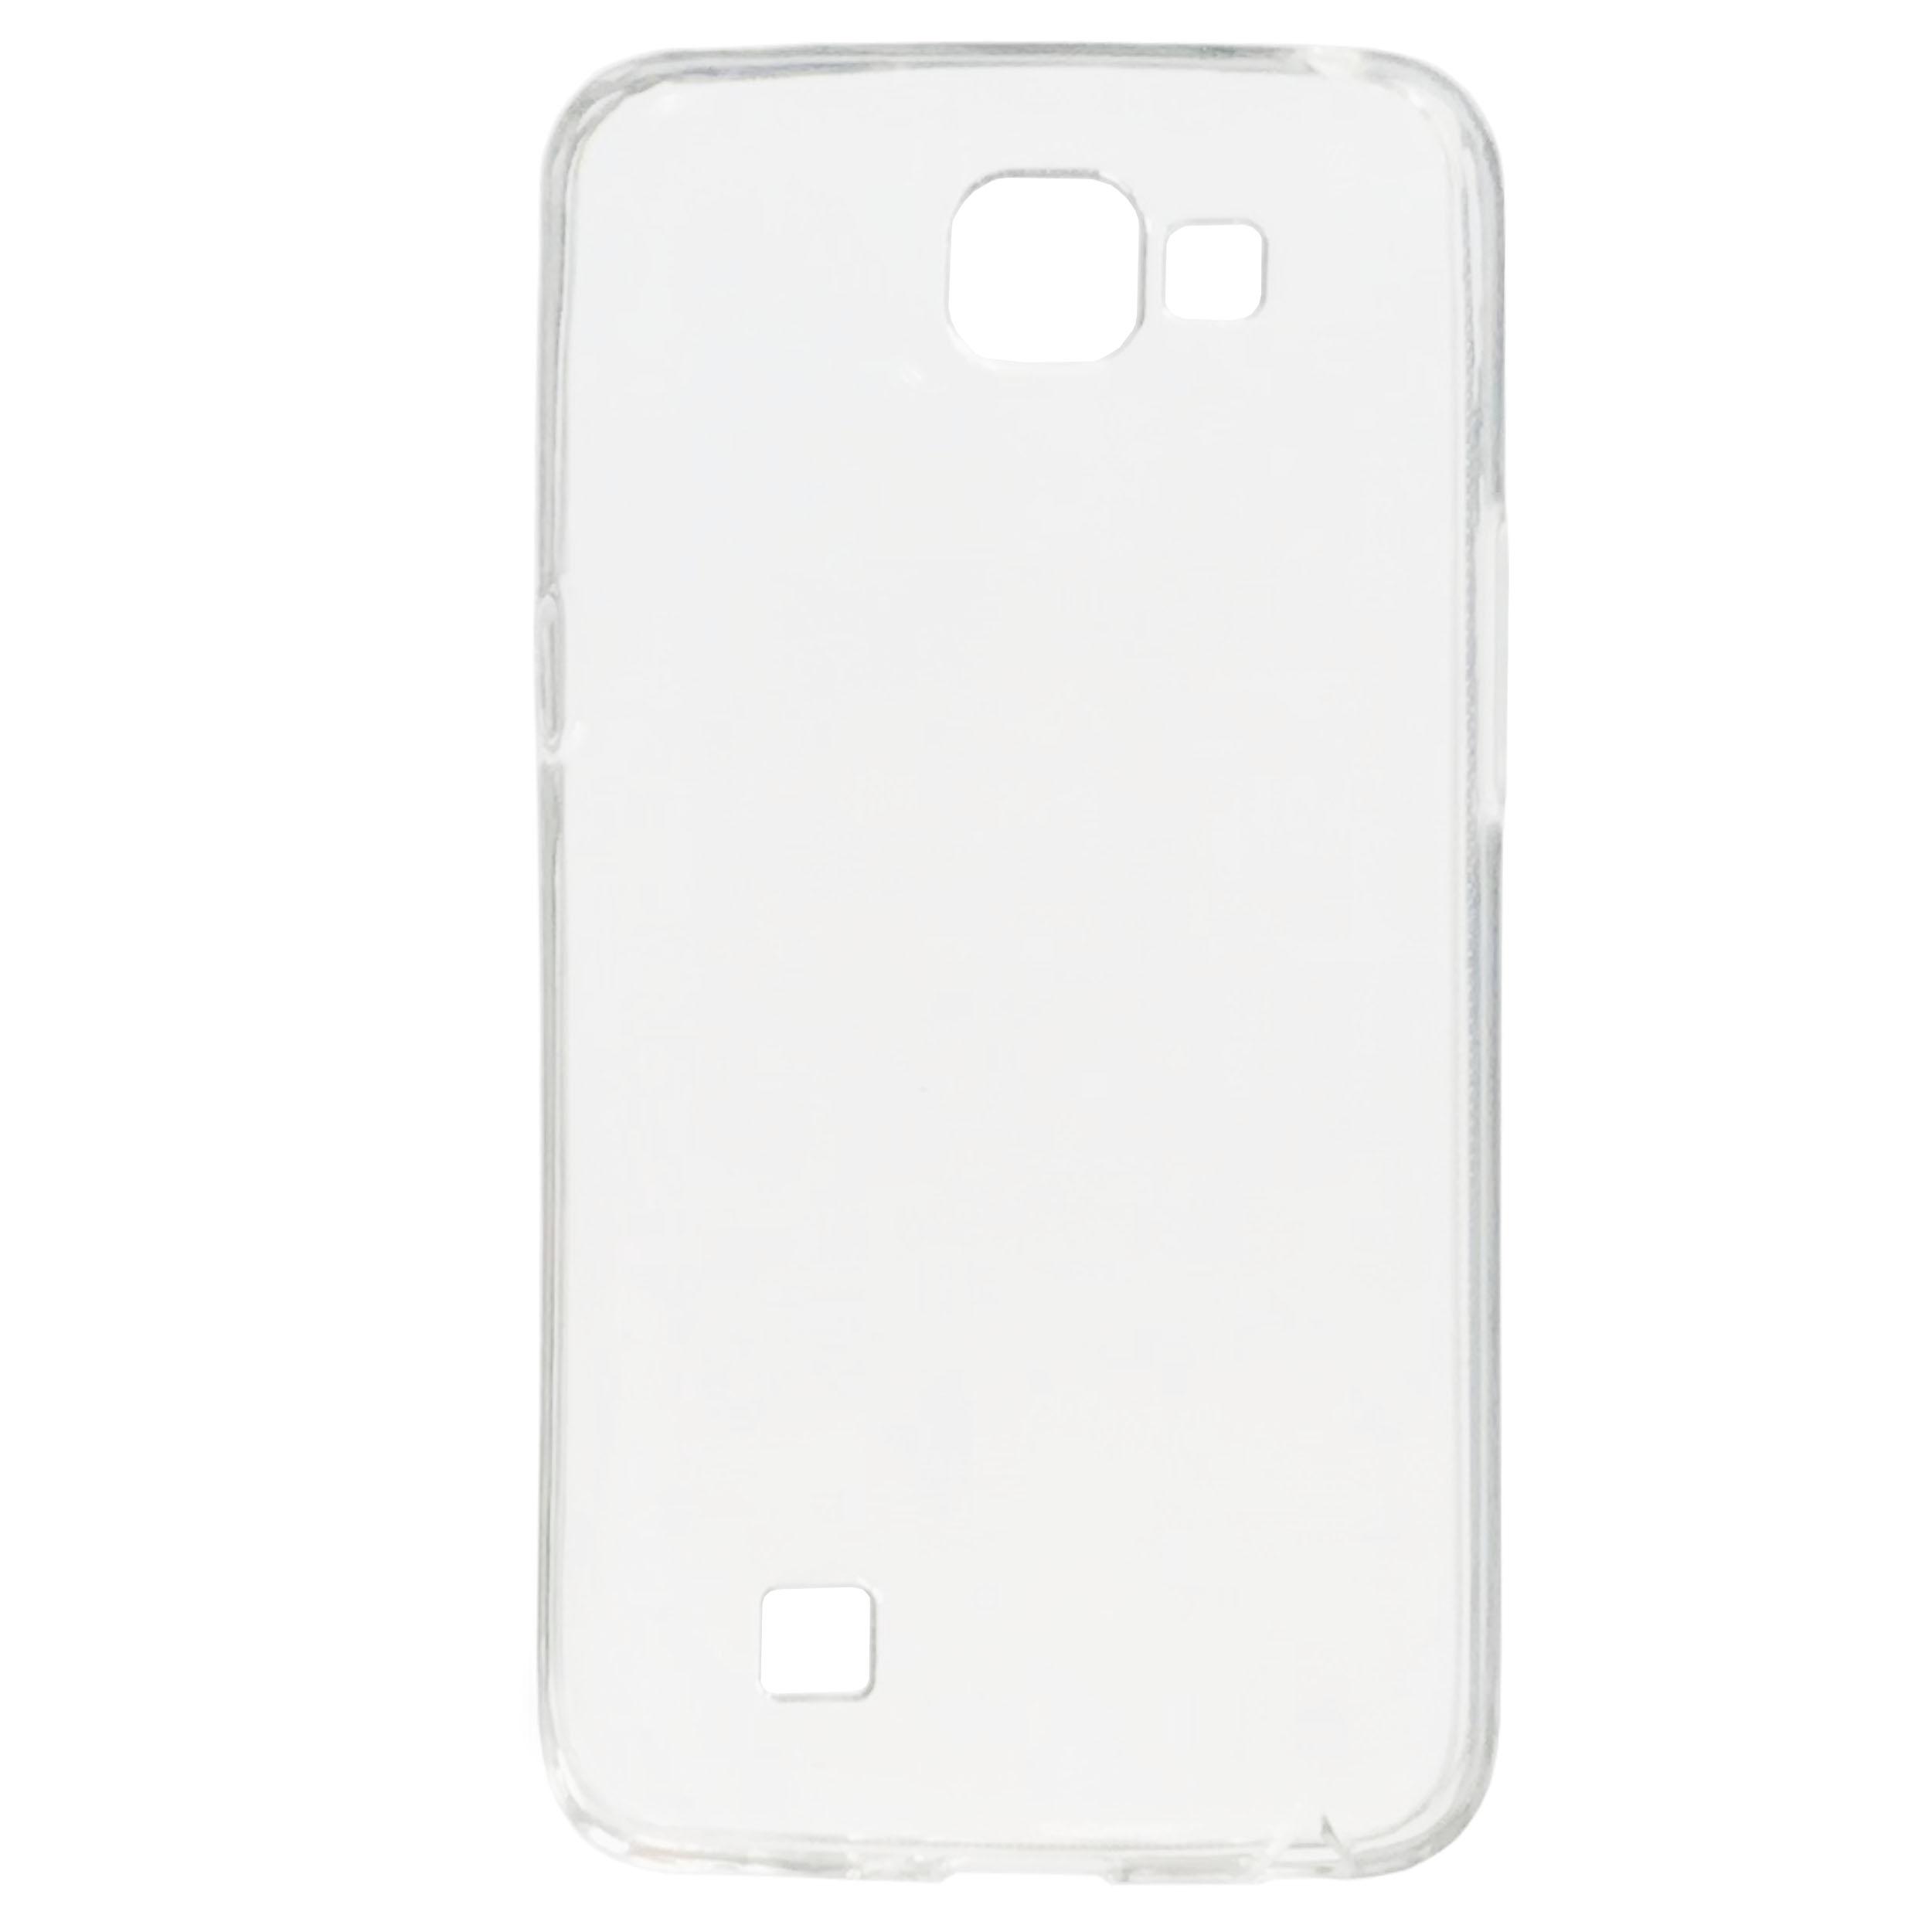 کاور ام تی چهار مدل AS112013 مناسب برای گوشی موبایل ال جی K4